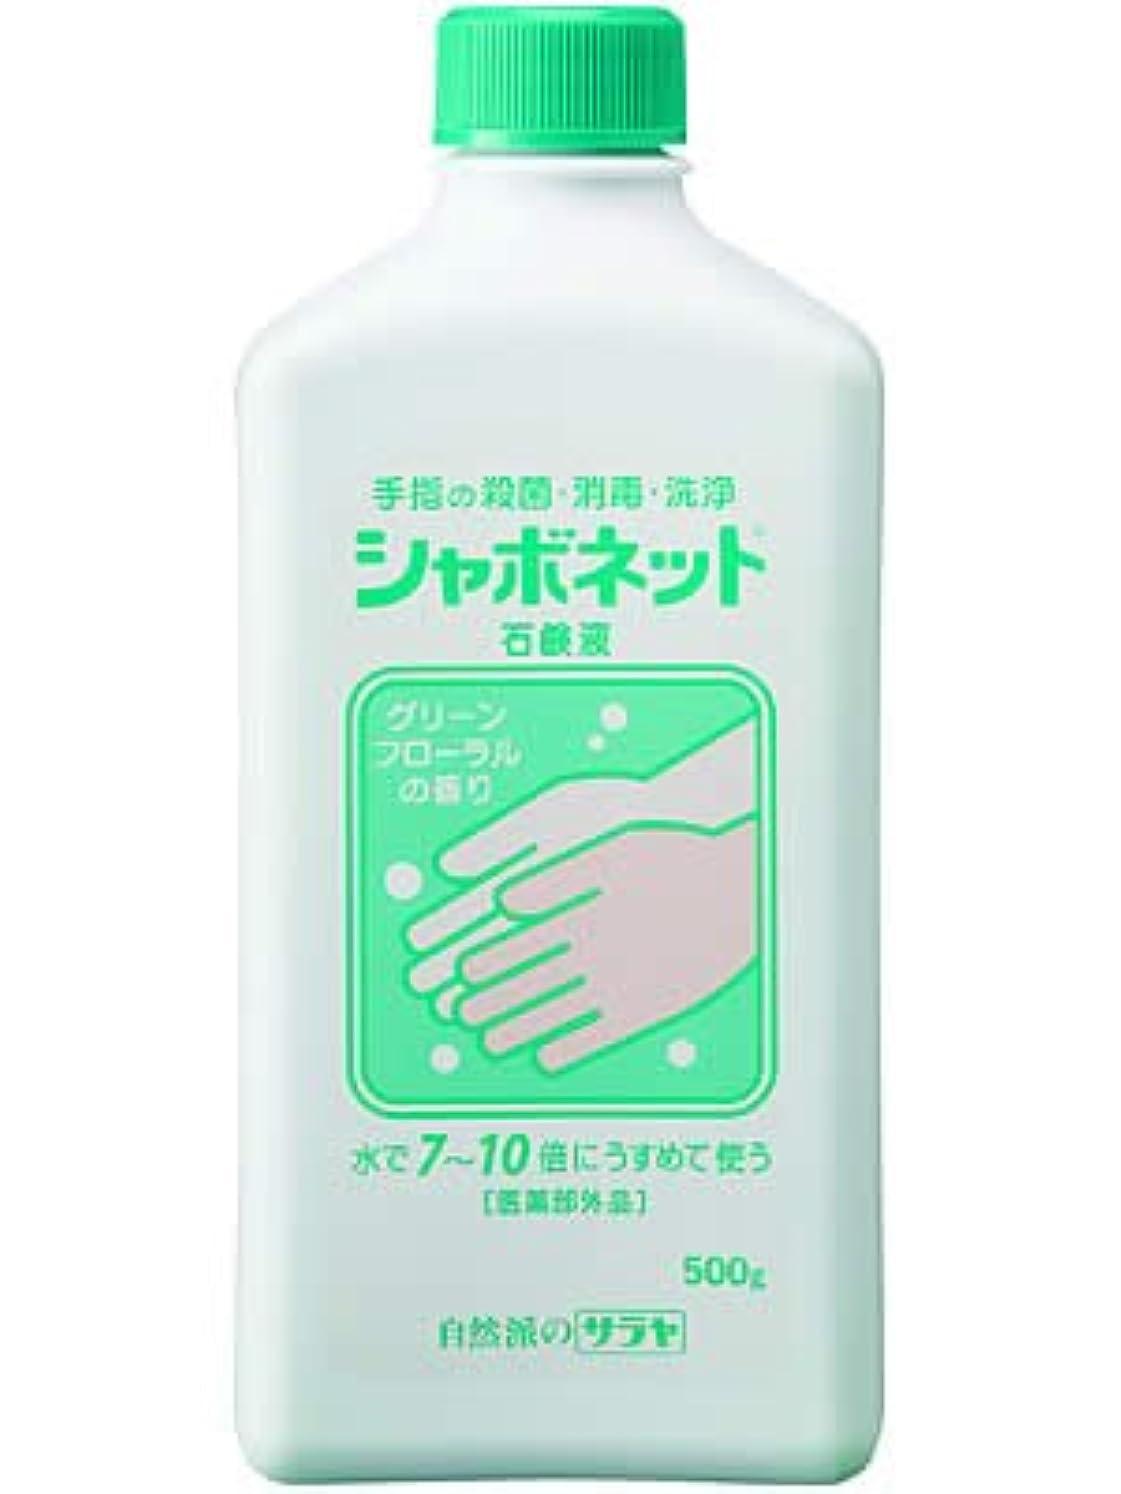 辞任するはっきりと温度シャボネット 石鹸液 500g ×5個セット